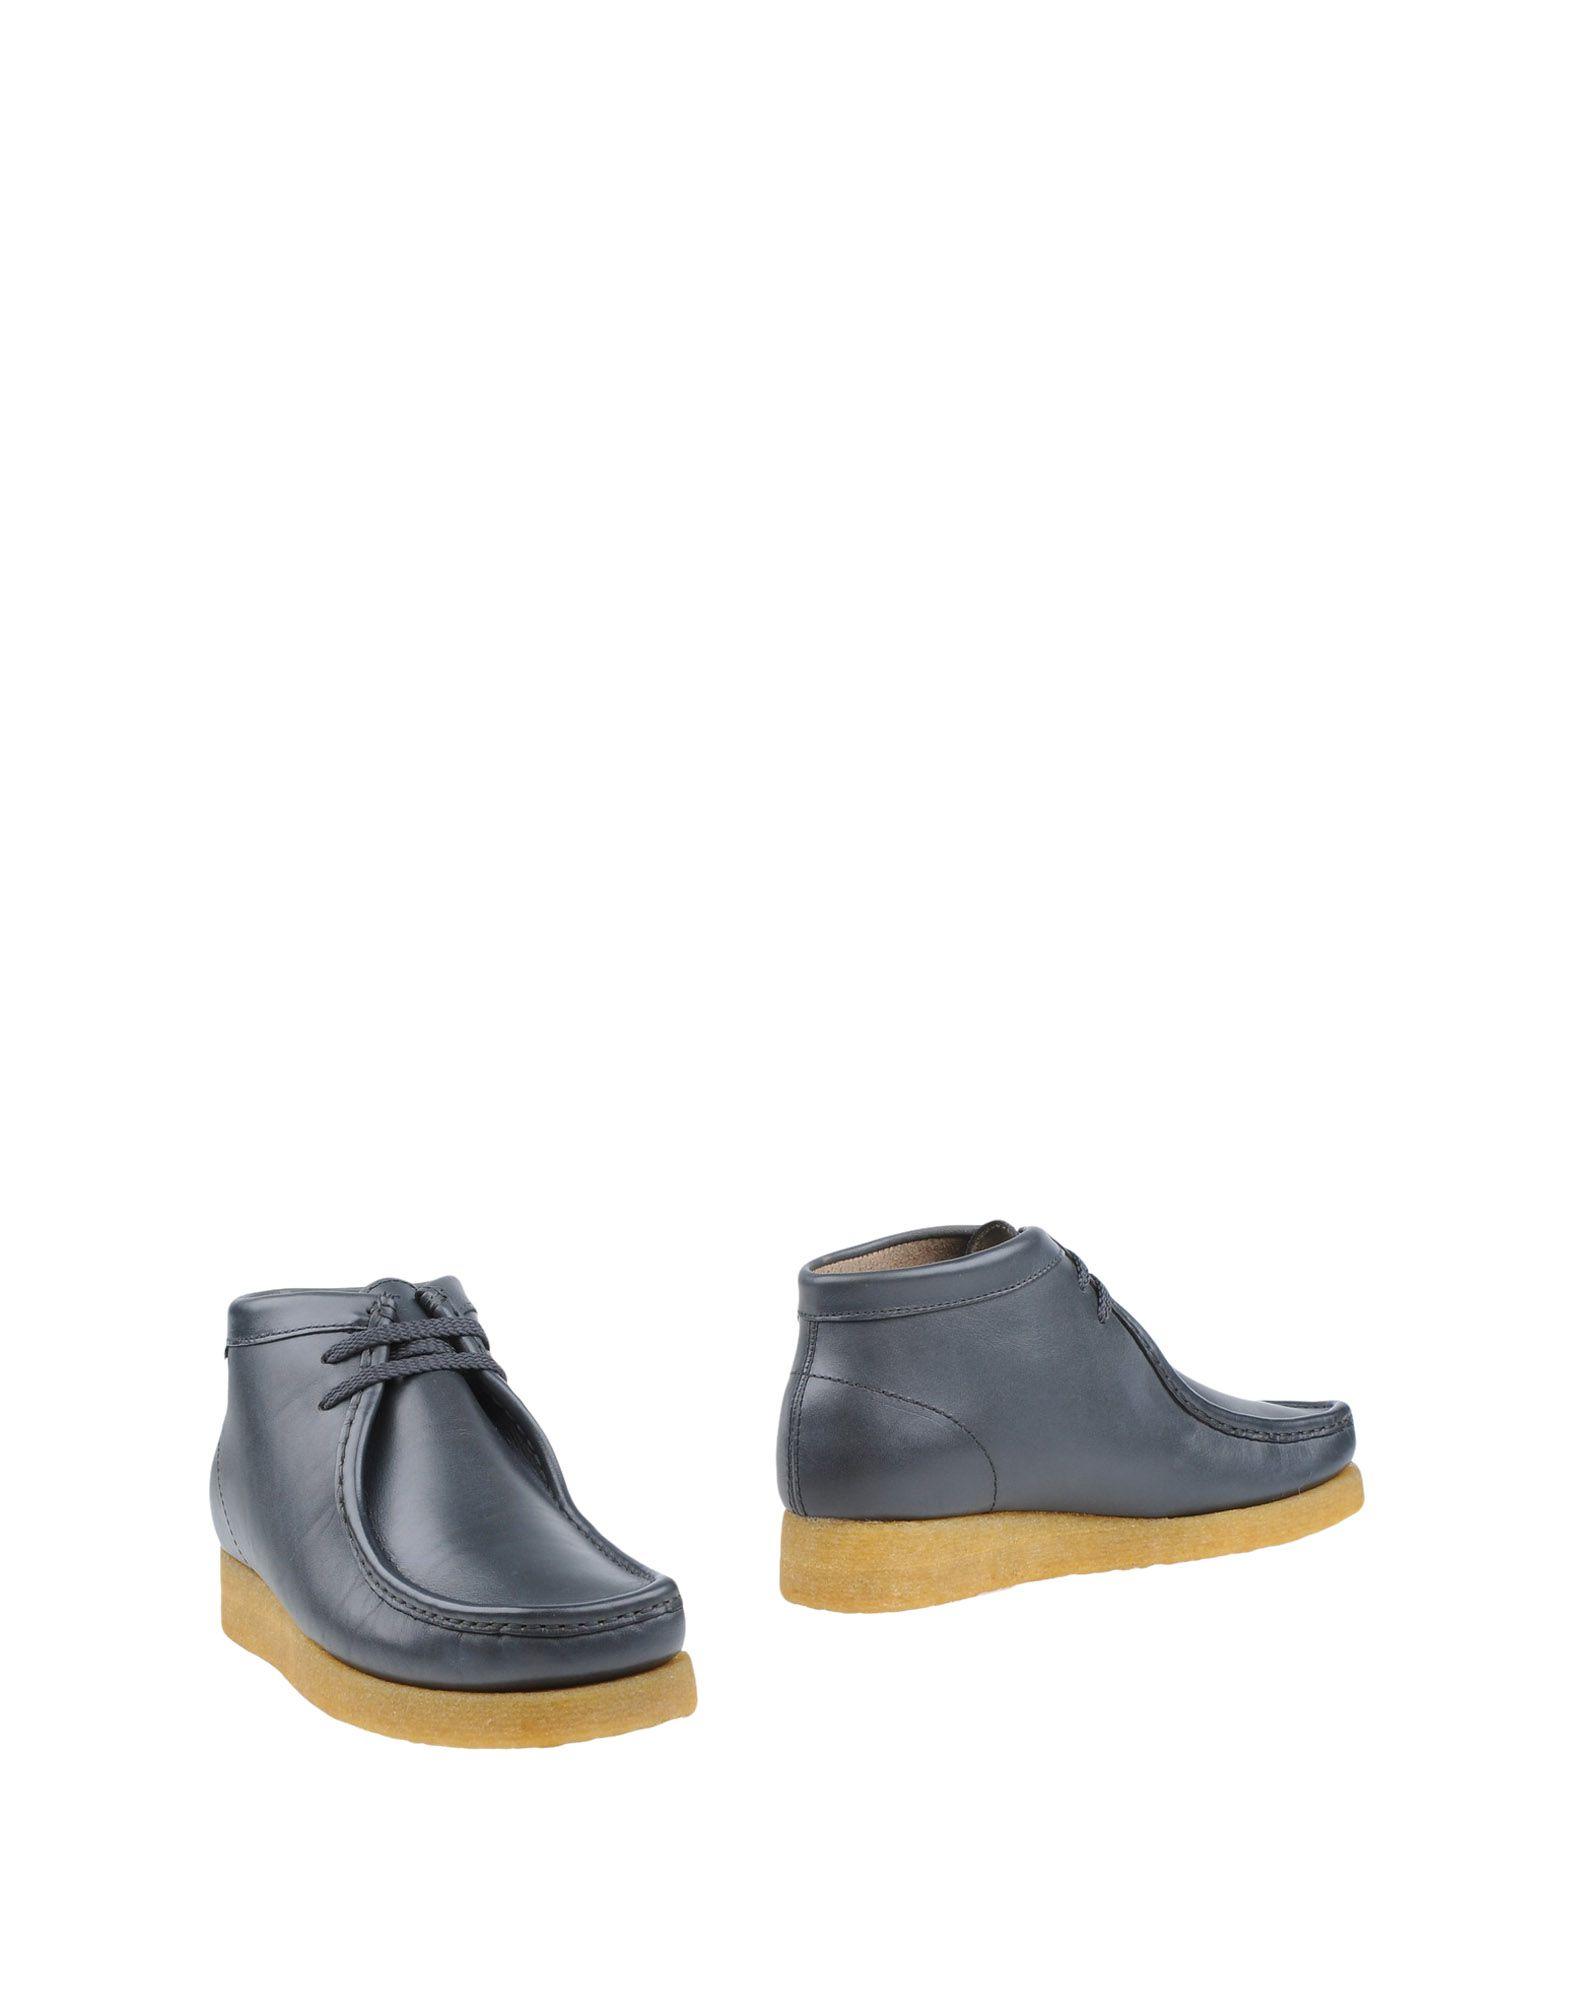 Sandali O.X.S. Donna - 11194325US Scarpe economiche e buone